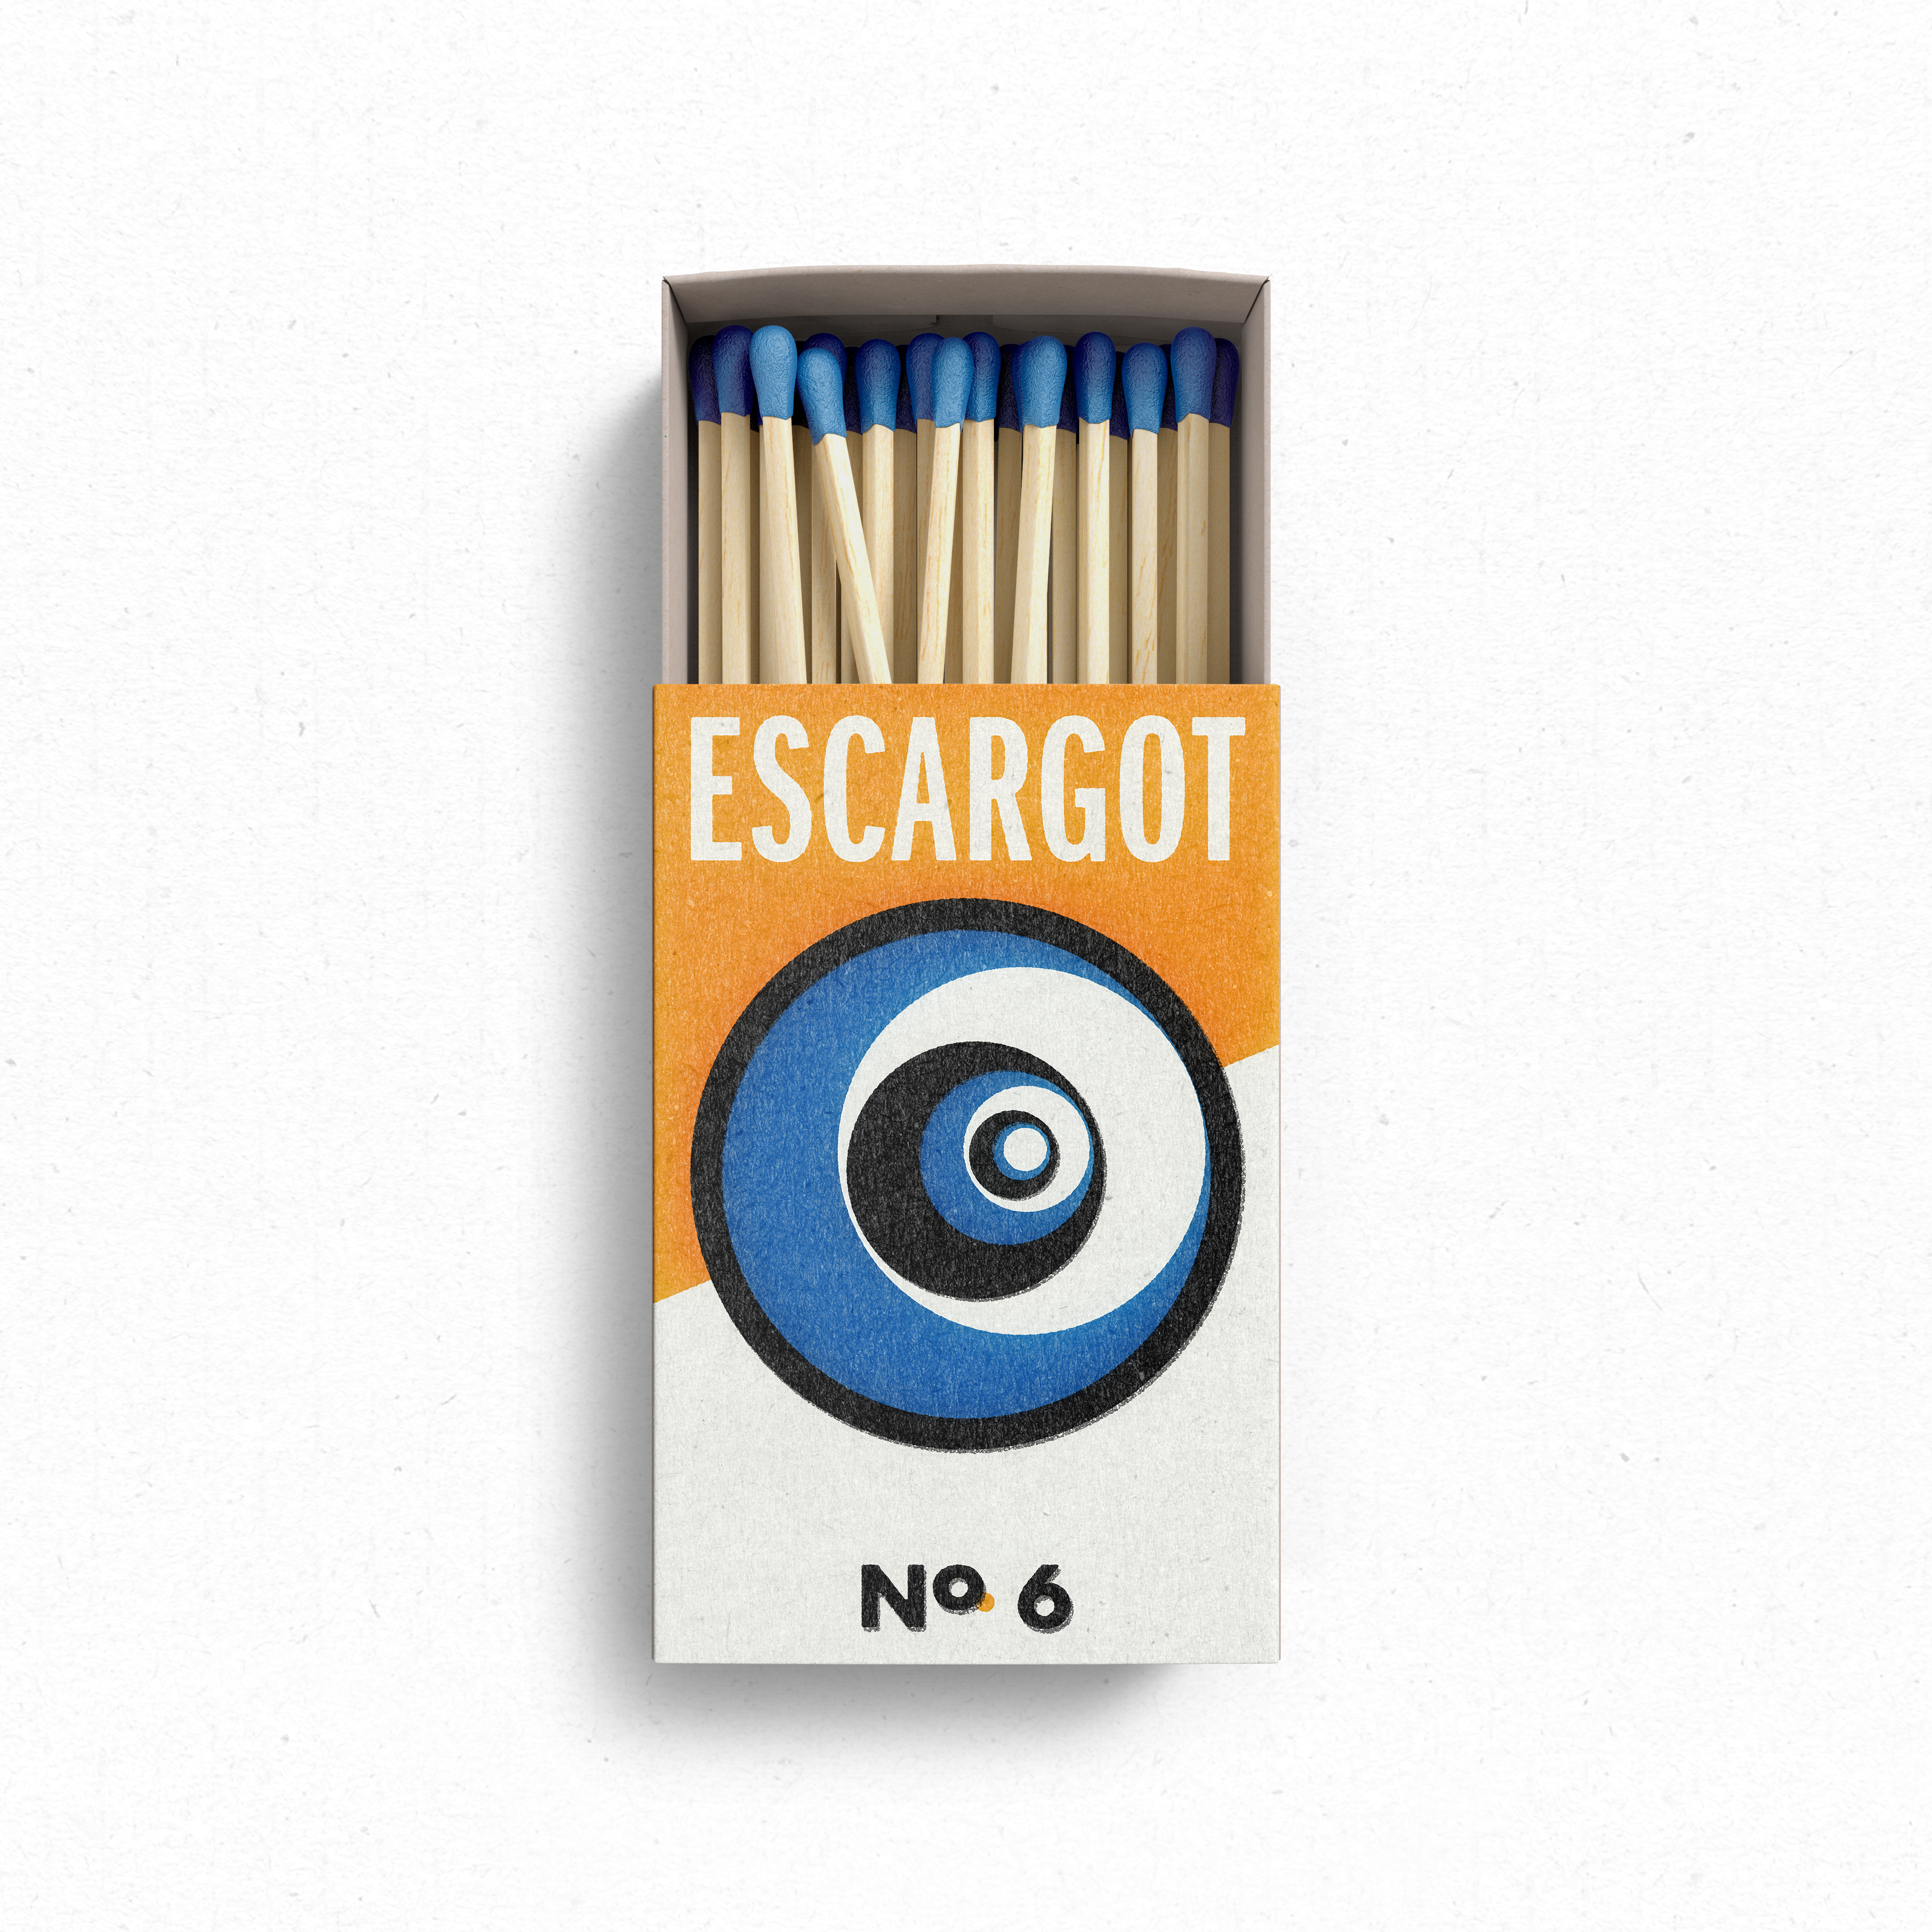 001_19_Duchamp_Matchbox_Escargot_Full